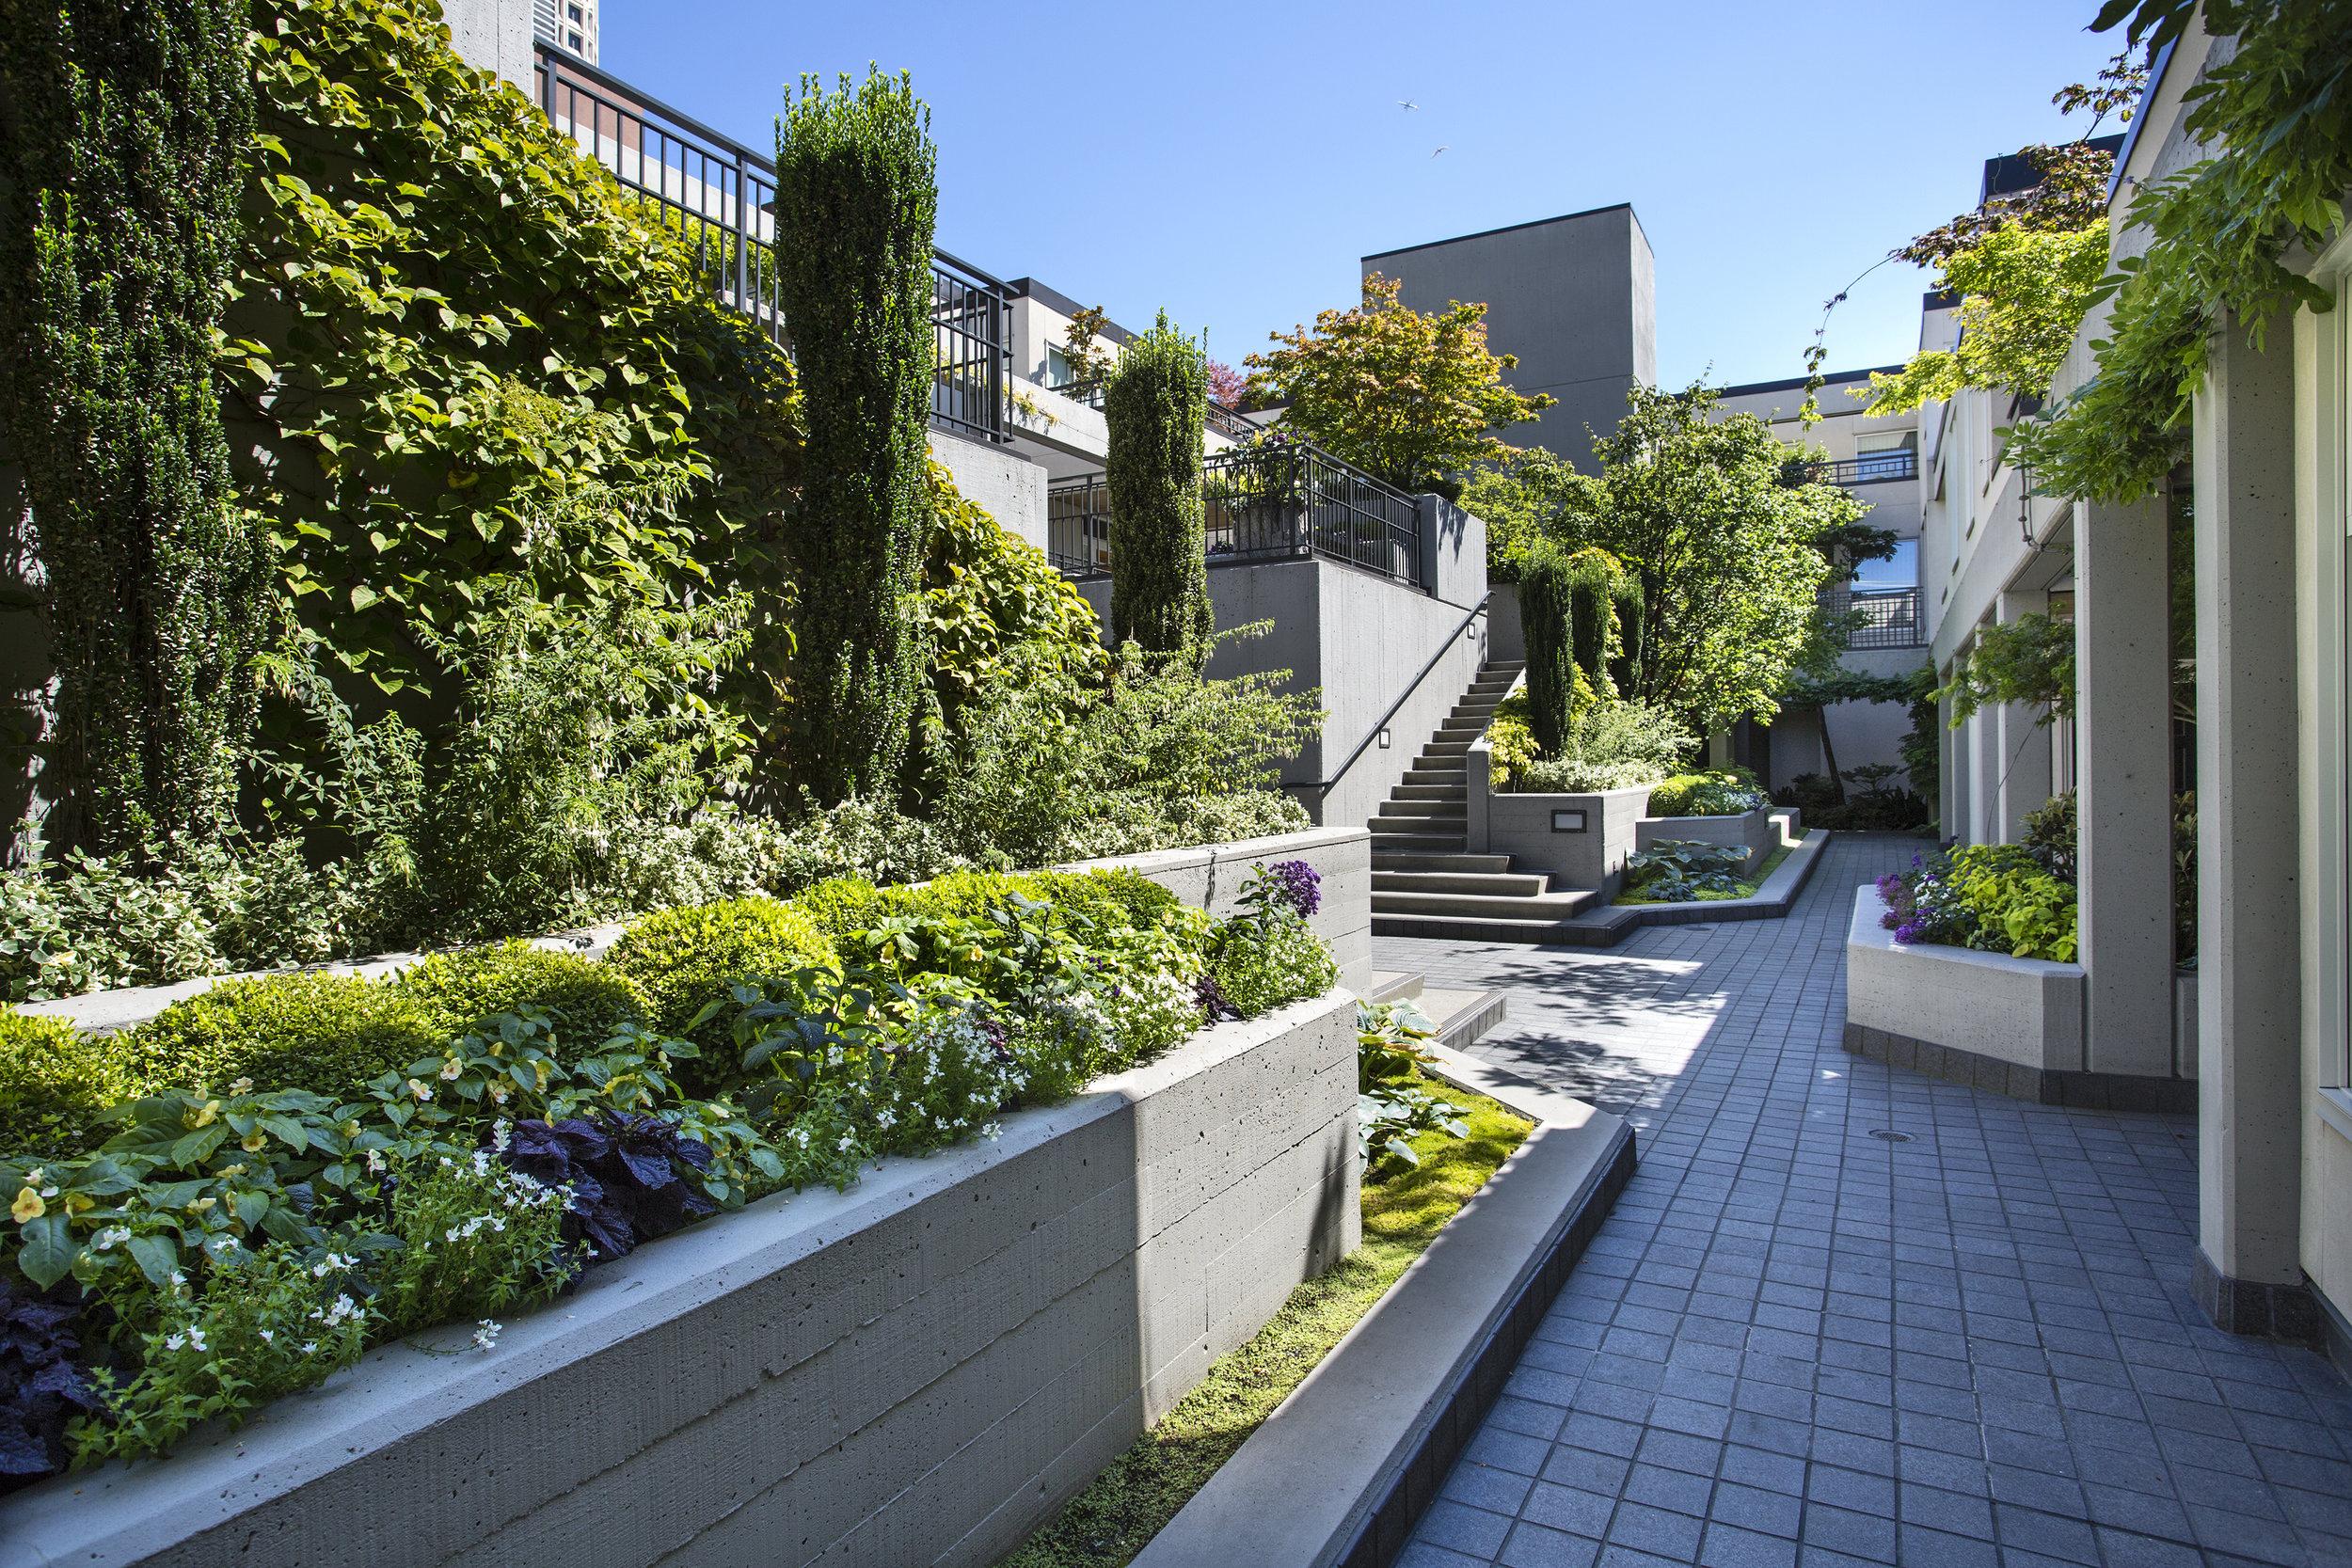 Garden-1-lrg.jpg